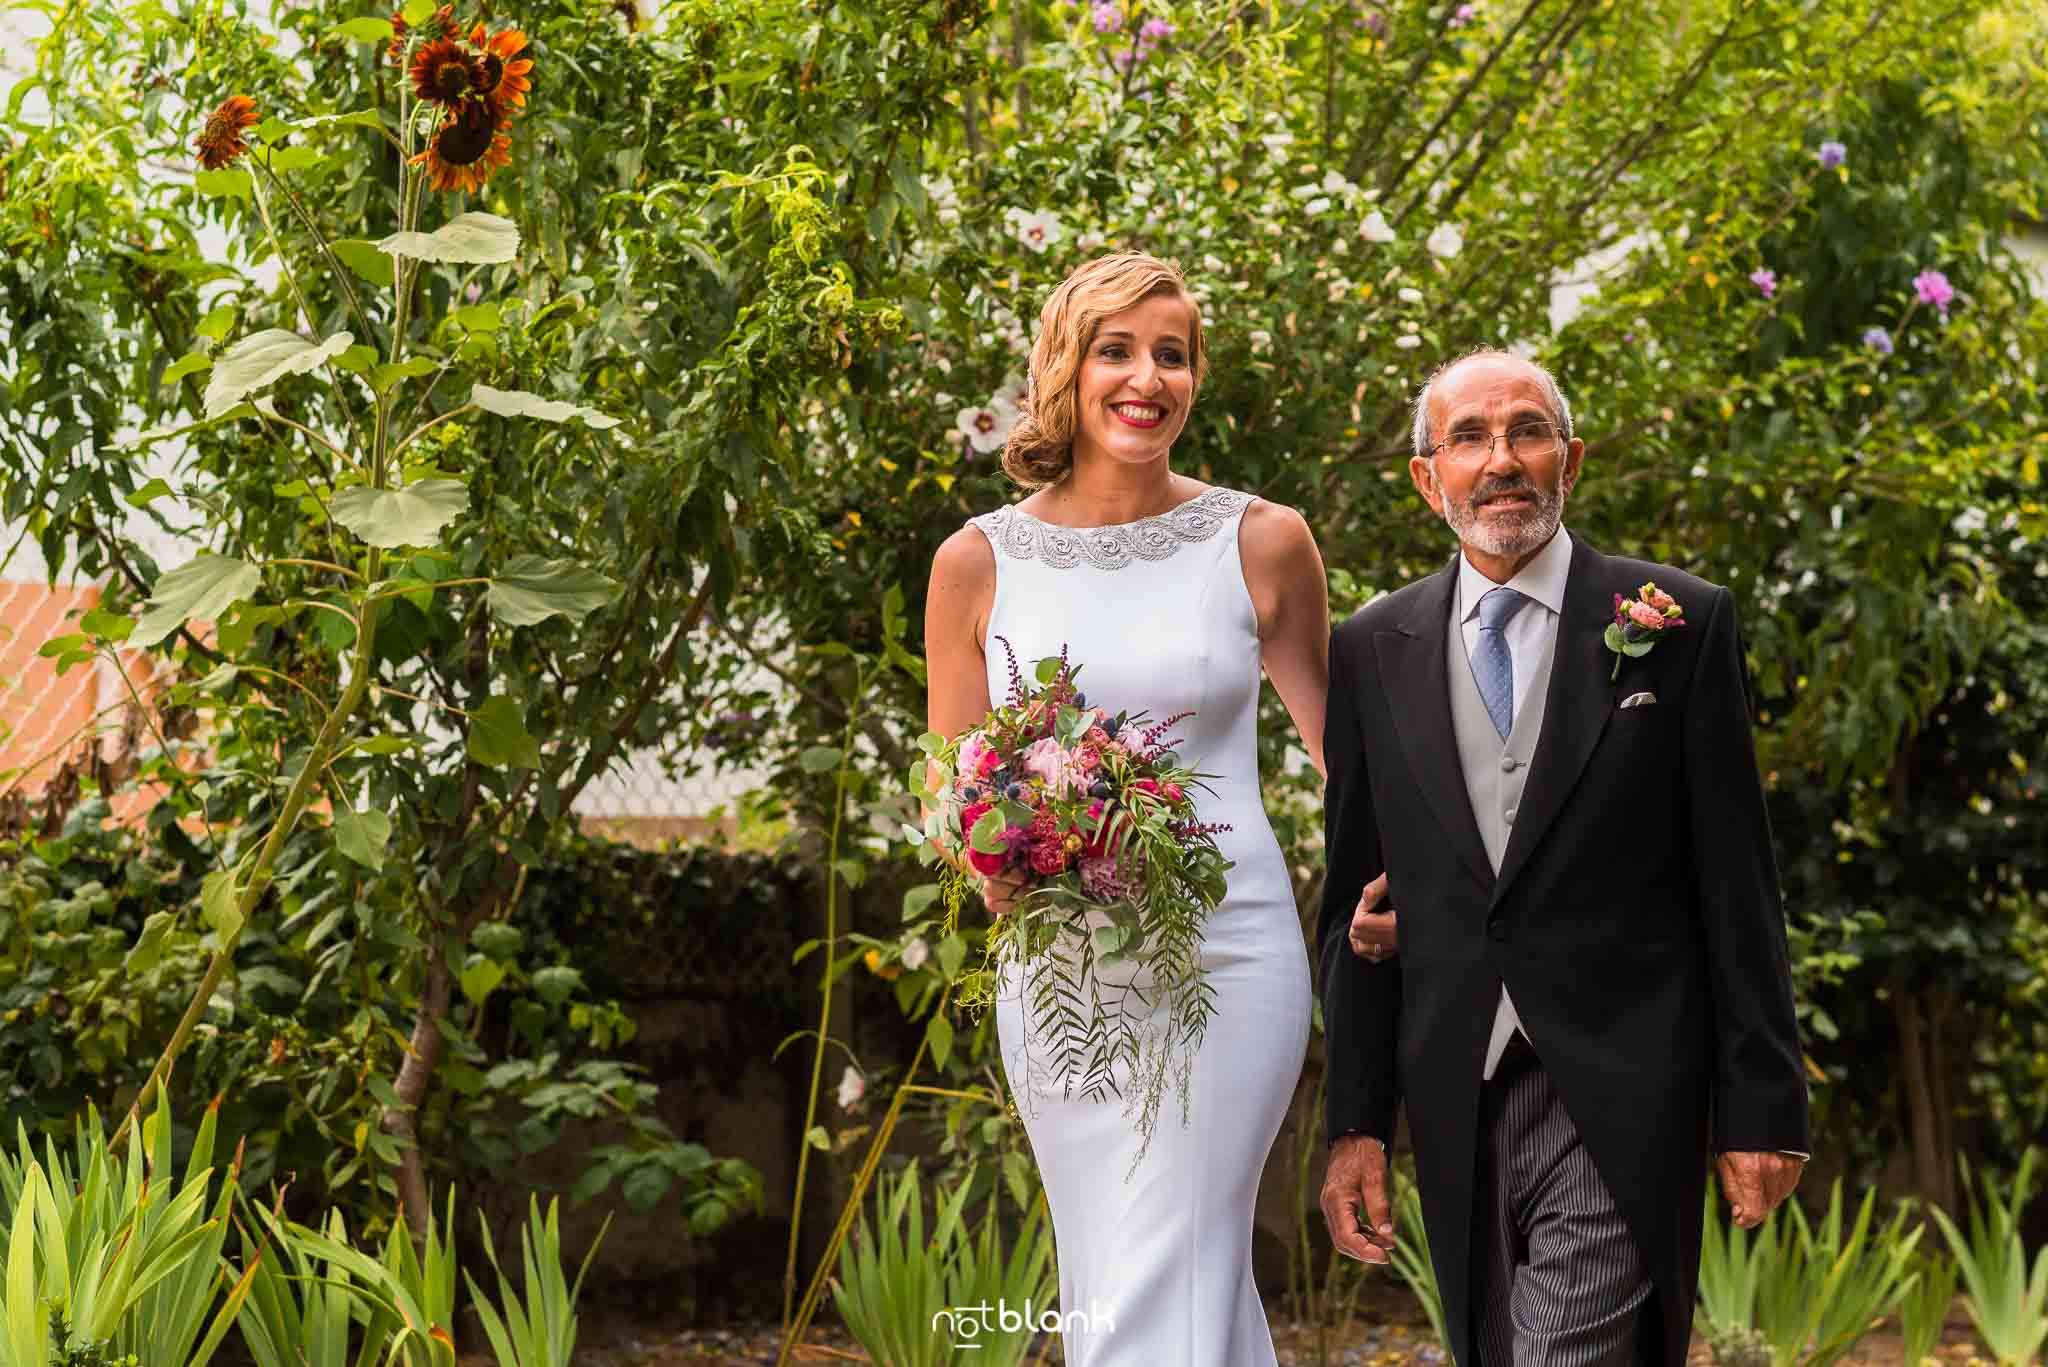 Boda En El Jardin De Casa Jana y Fran - La novia llega a la ceremonia de brazo del padre - Notblank Fotografos de boda